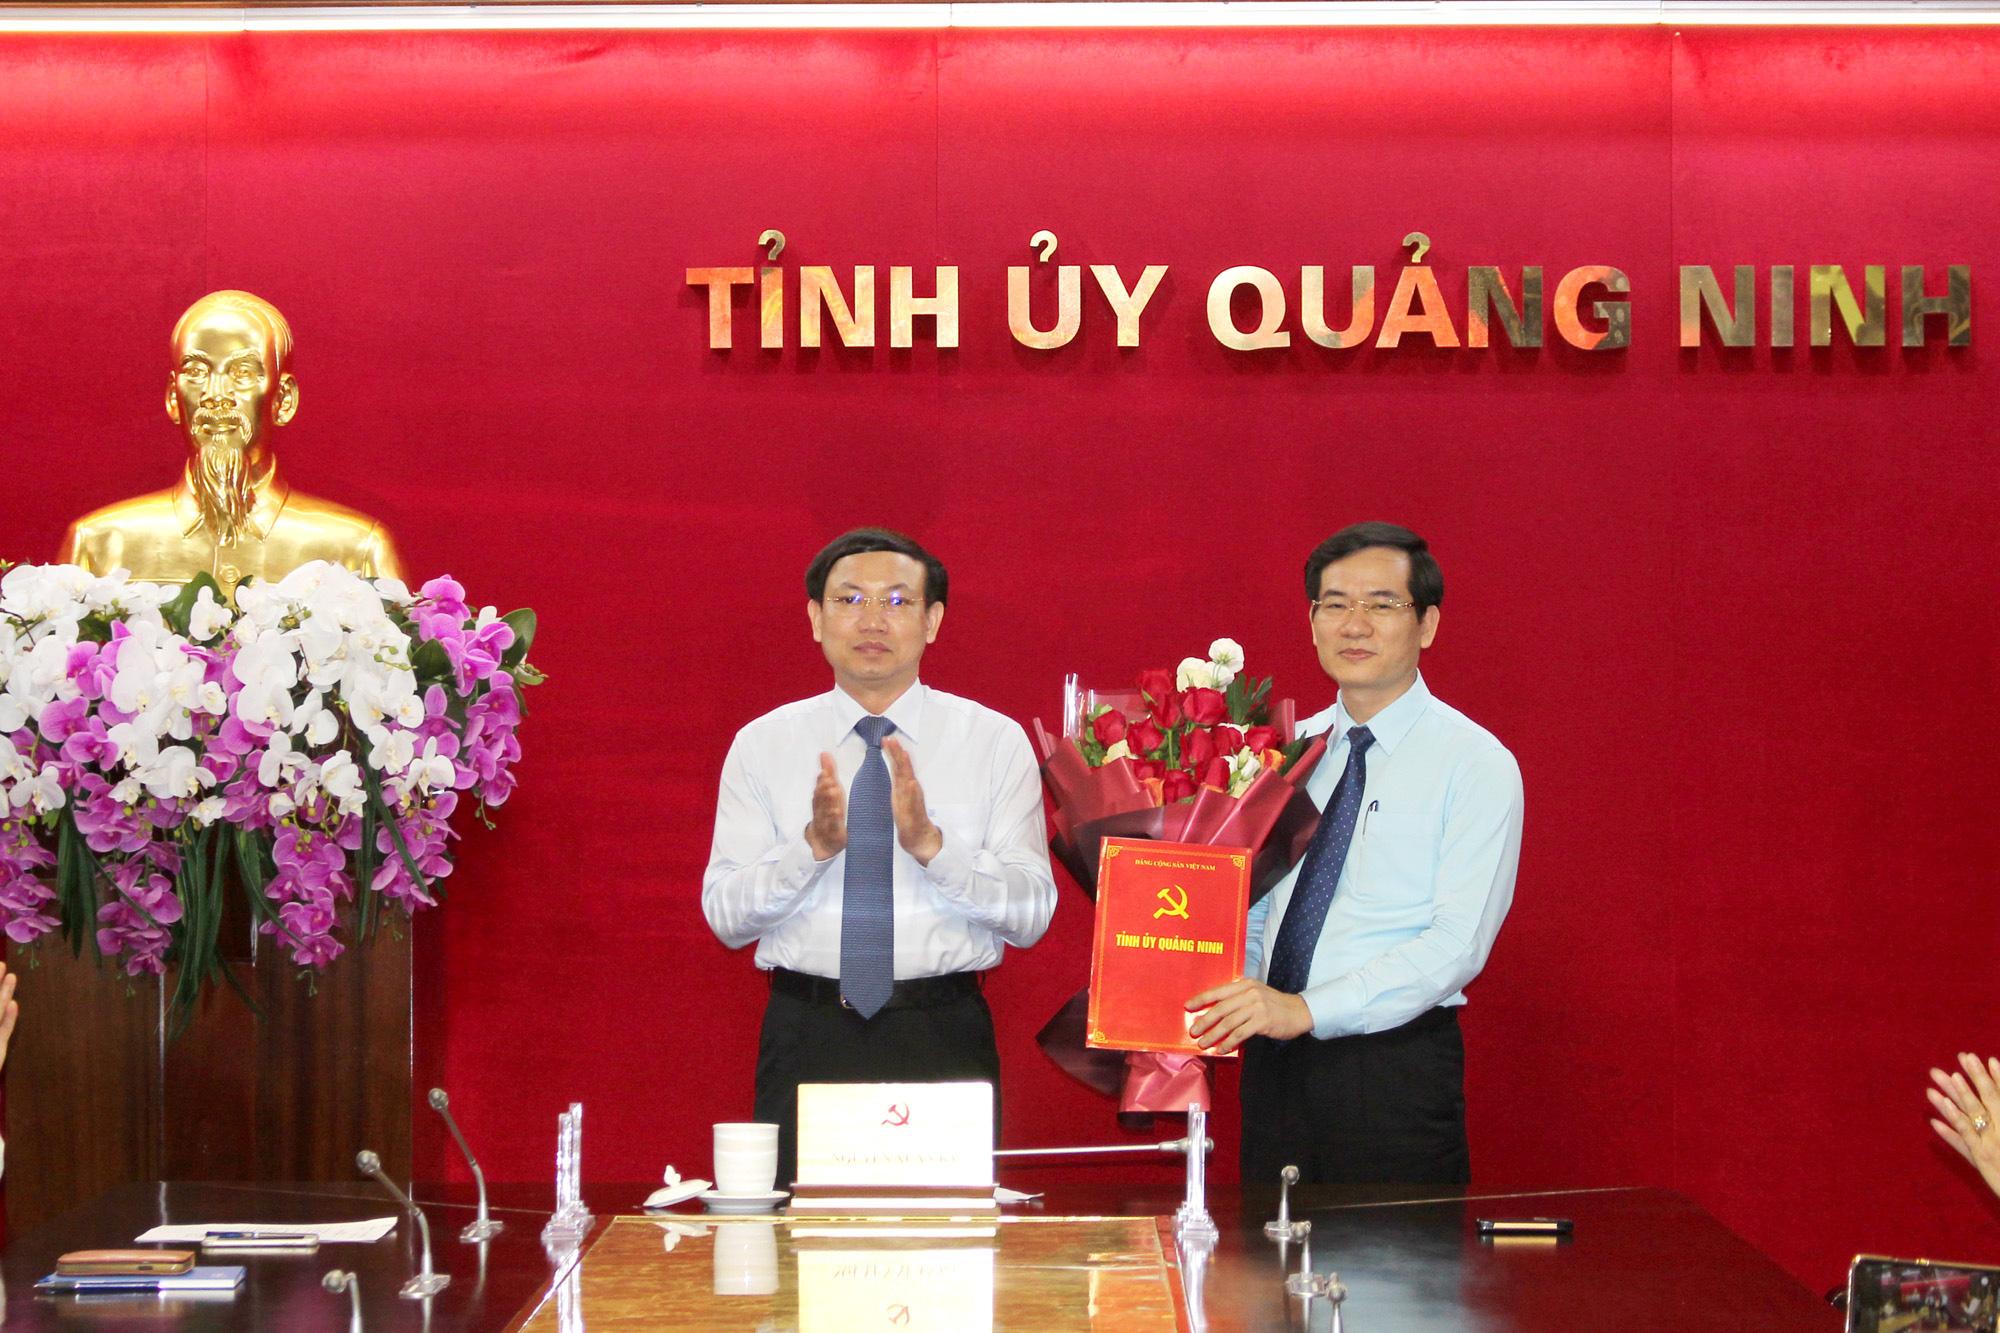 Quảng Ninh: Trưởng Ban Tổ chức Tỉnh ủy đồng thời là Giám đốc Sở Nội vụ - Ảnh 1.